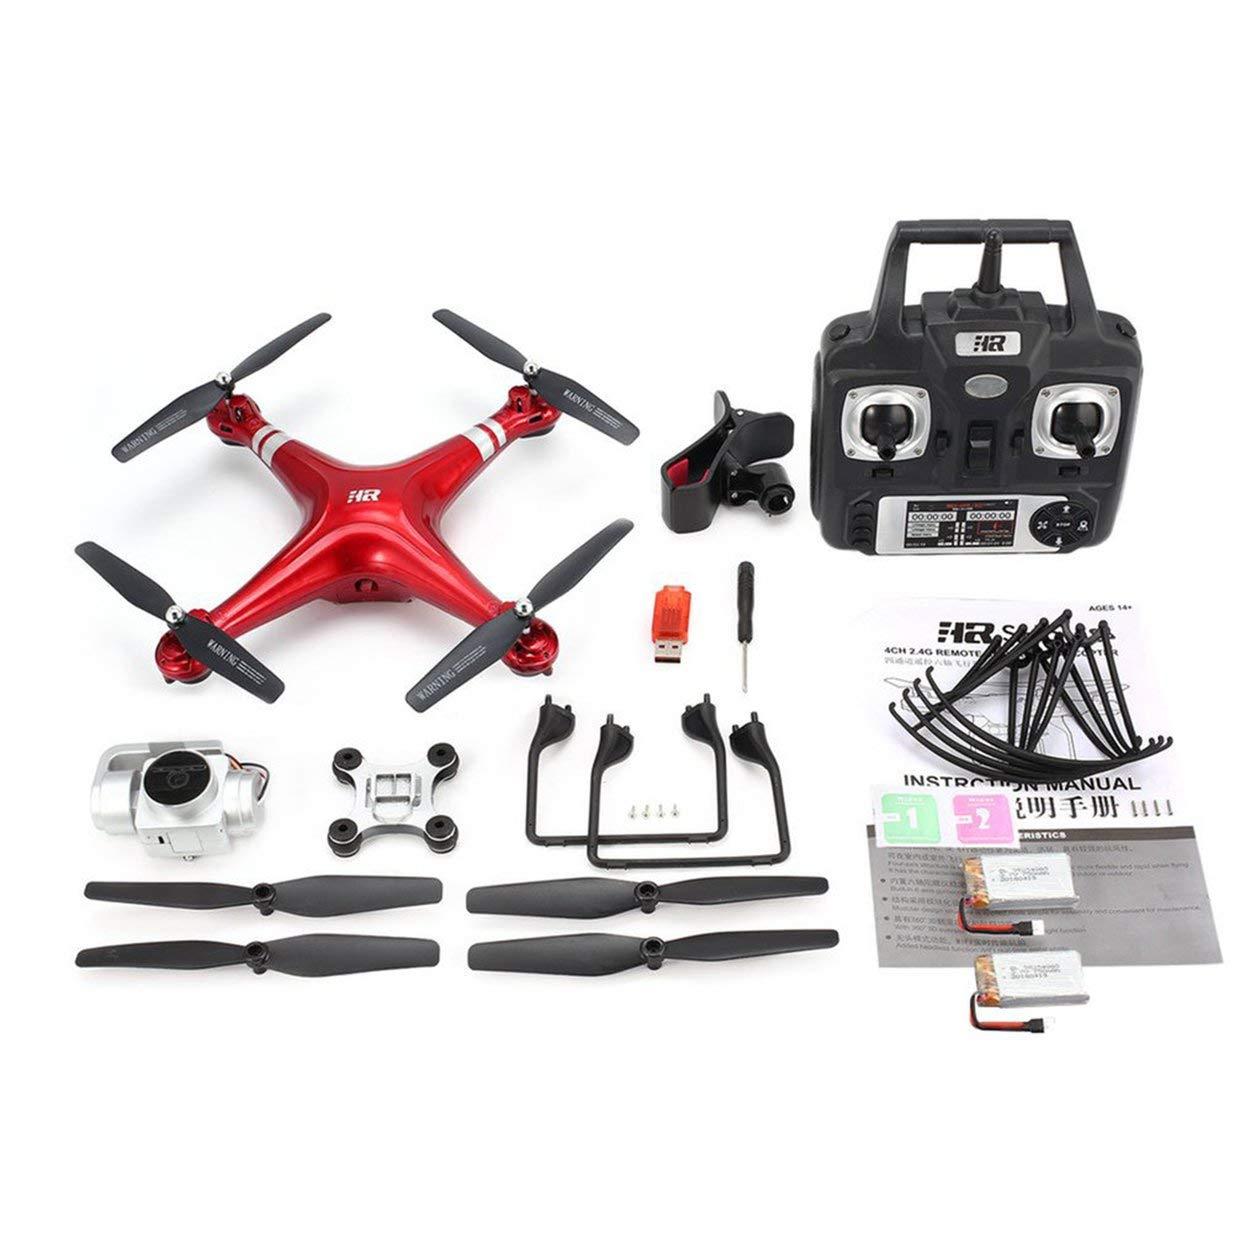 Tellaboull for FPV Drohne RC Quadcopter mit 1080P verstellbarem Weitwinkel-WiFi-HD-Kamera Live-Video-Höhenstand Halten Sie 2 Batterien